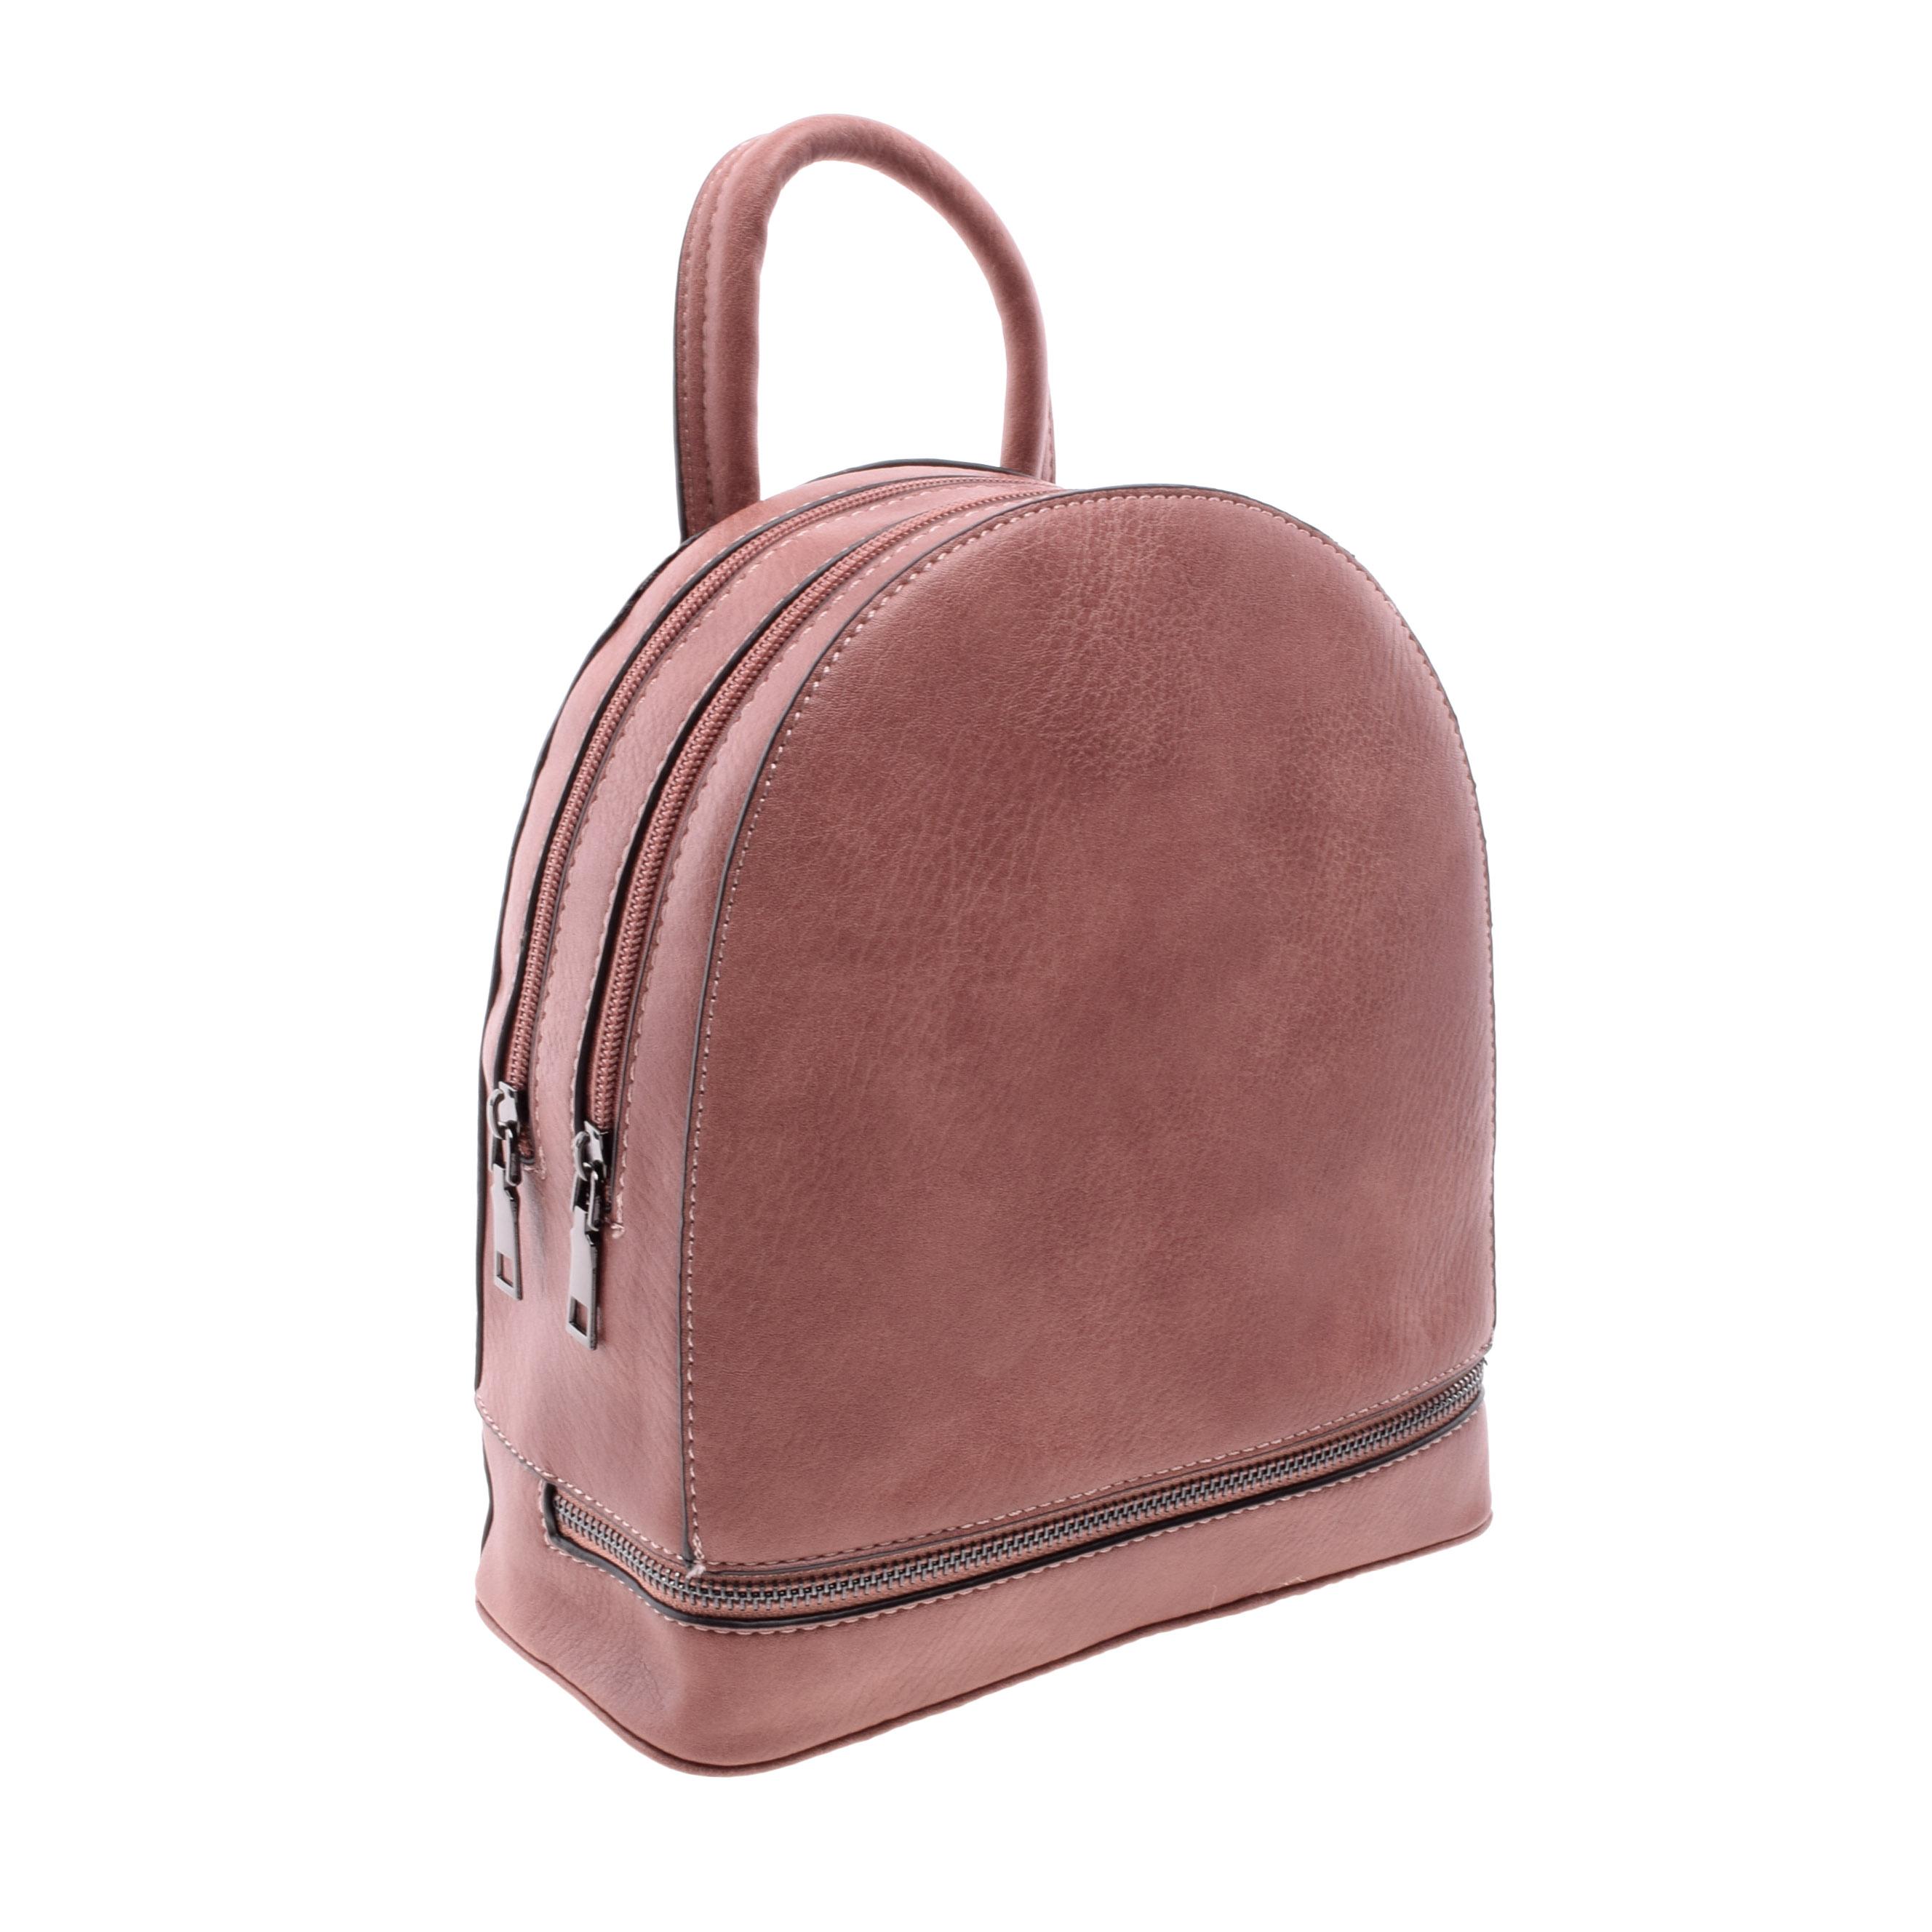 Női Közepes Rózsaszín Műbőr Hátizsák - NŐI TÁSKÁK - Táska webáruház - Minőségi  táskák mindenkinek 8d526cc80e